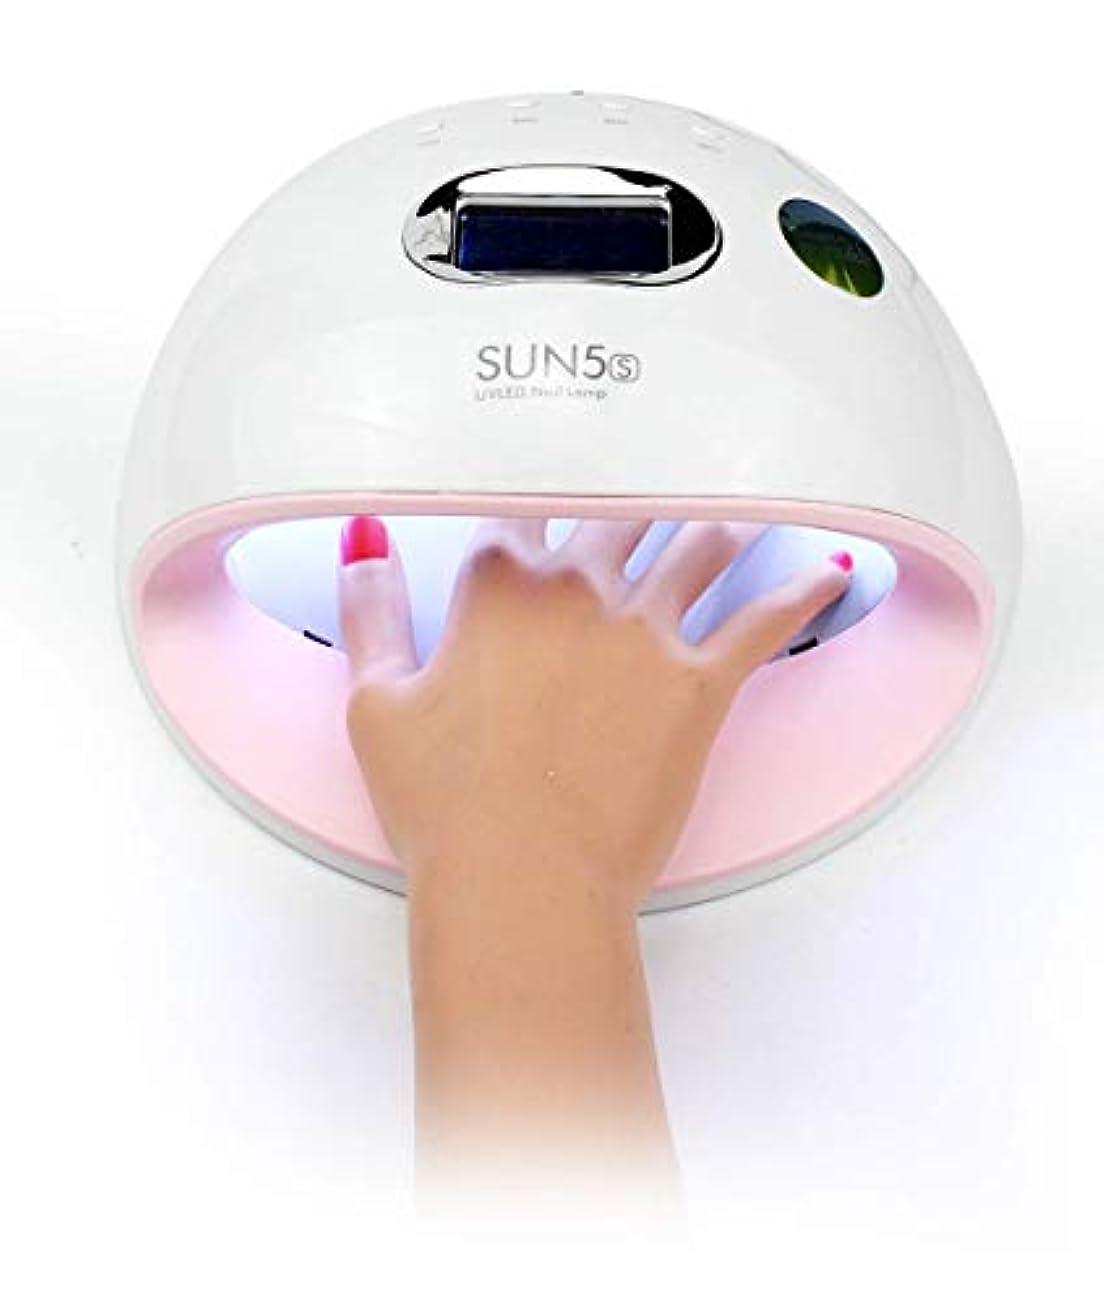 お誕生日創始者うつネイル用72ワットランプ硬化用ネイルランプジェルポリッシュネイルドライヤー紫外線マニキュアポリッシャー用装置